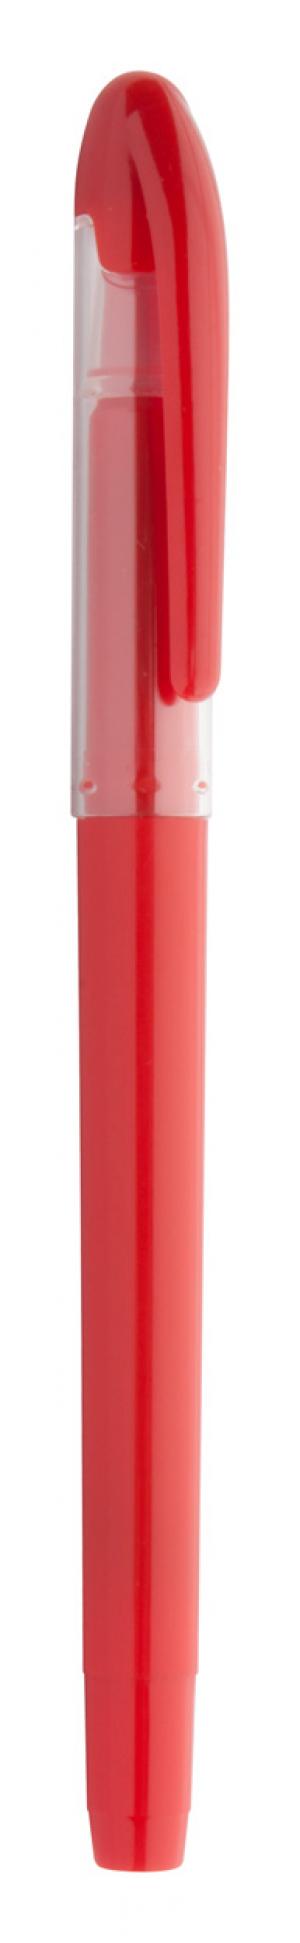 Verslo dovanos Alecto (roller pen)